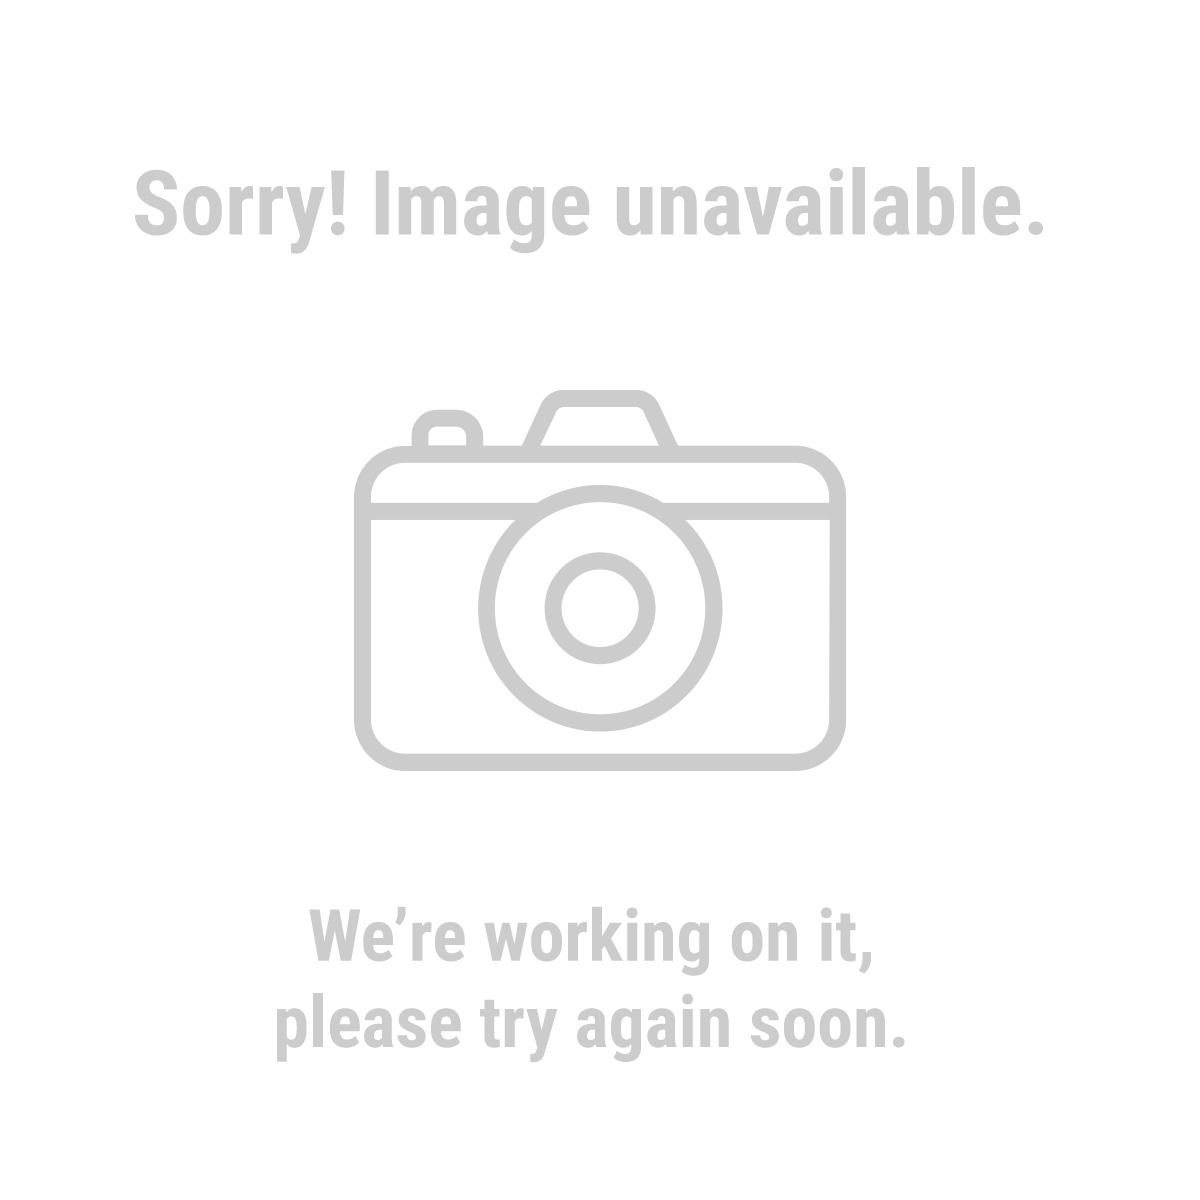 """HFT® 46413 15 ft. 6"""" x 11 ft. 4"""" Camouflage Tarp"""